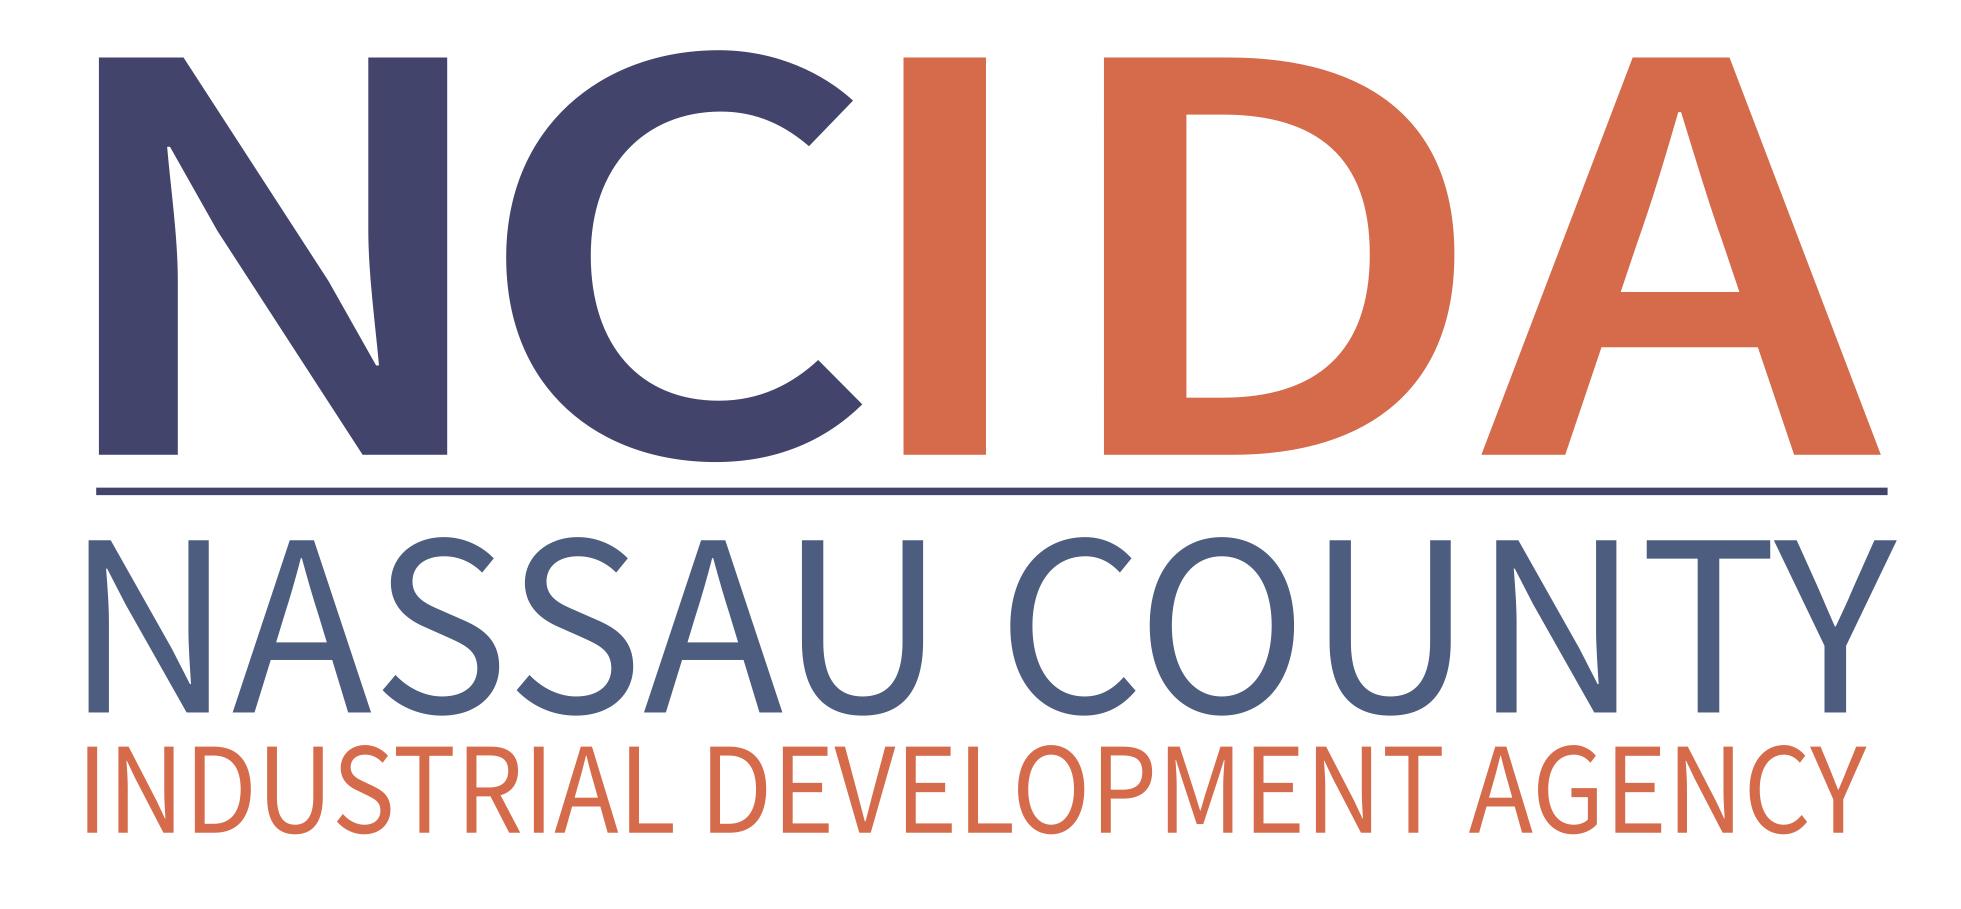 NCIDA Temp logo.jpg